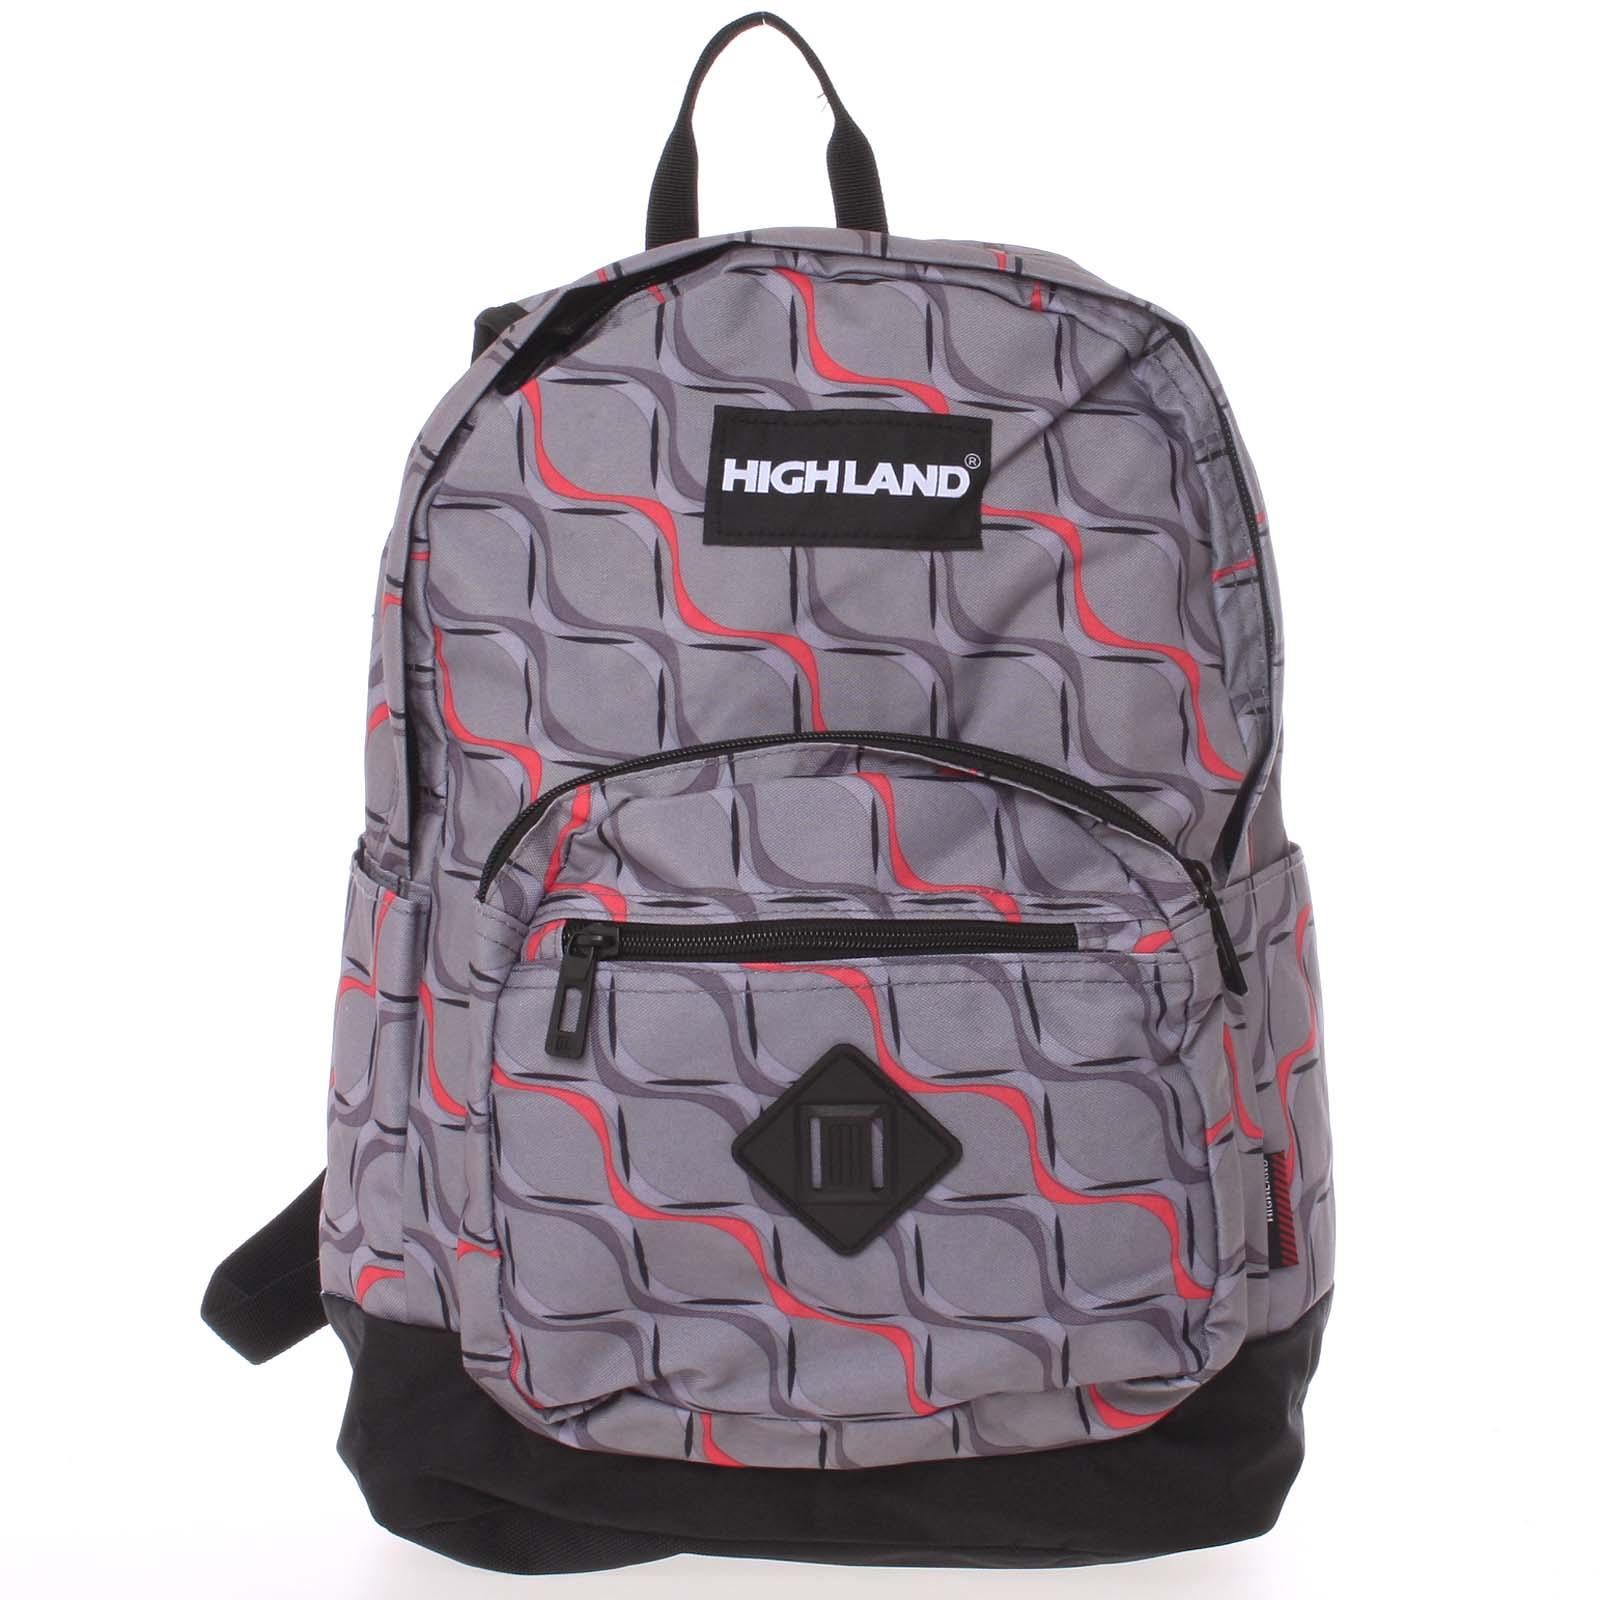 Velký šedě barevný originální a stylový batoh - Highland 8275